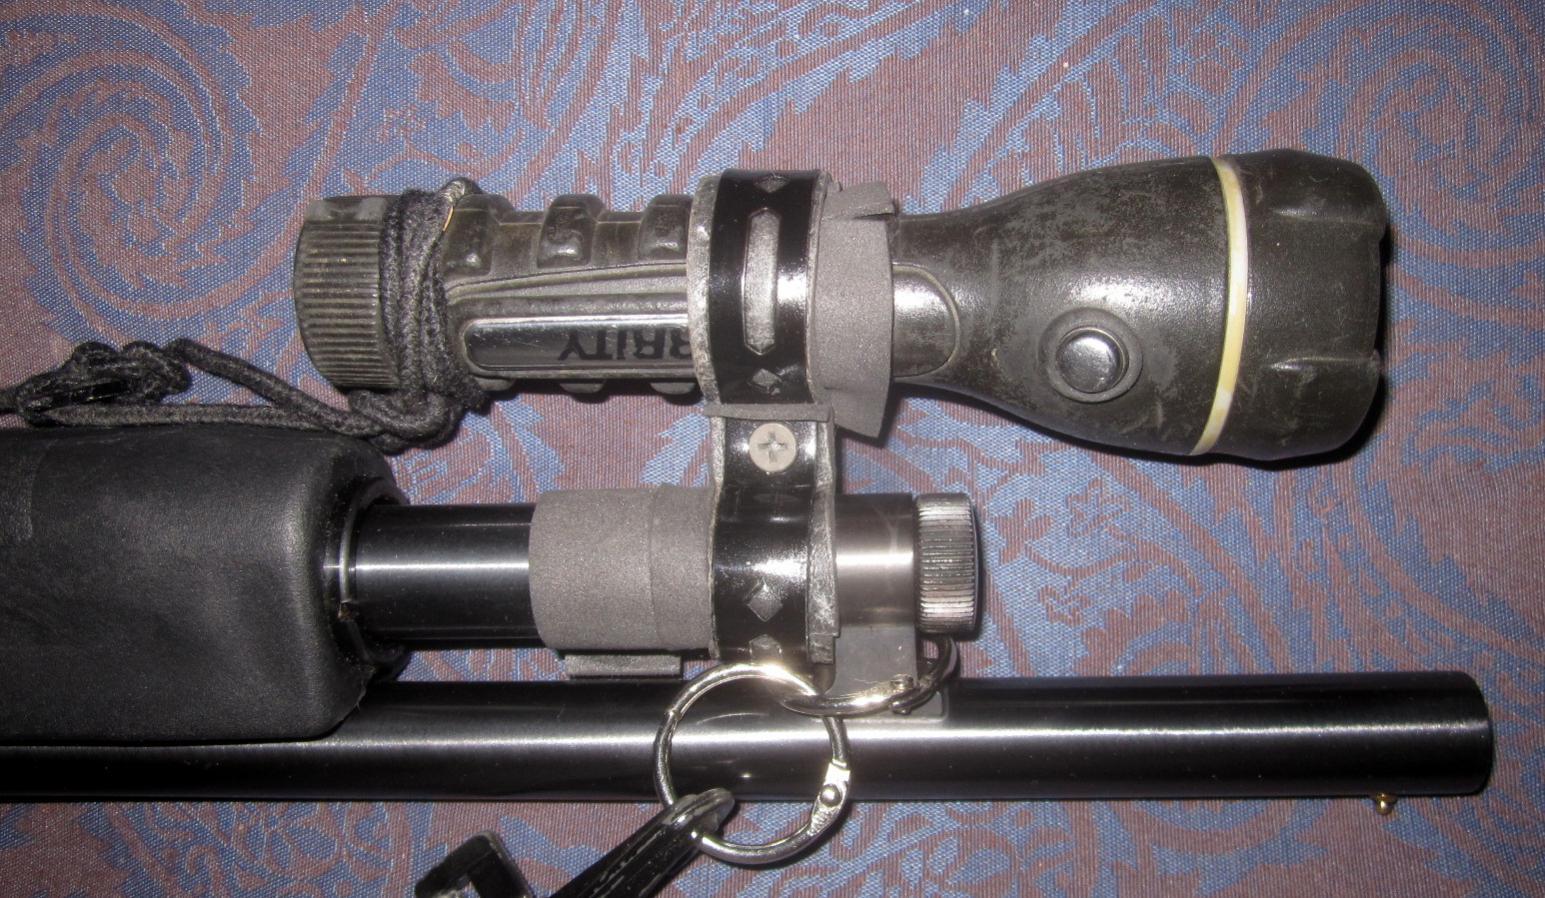 Shotgun light-img_8649.jpg